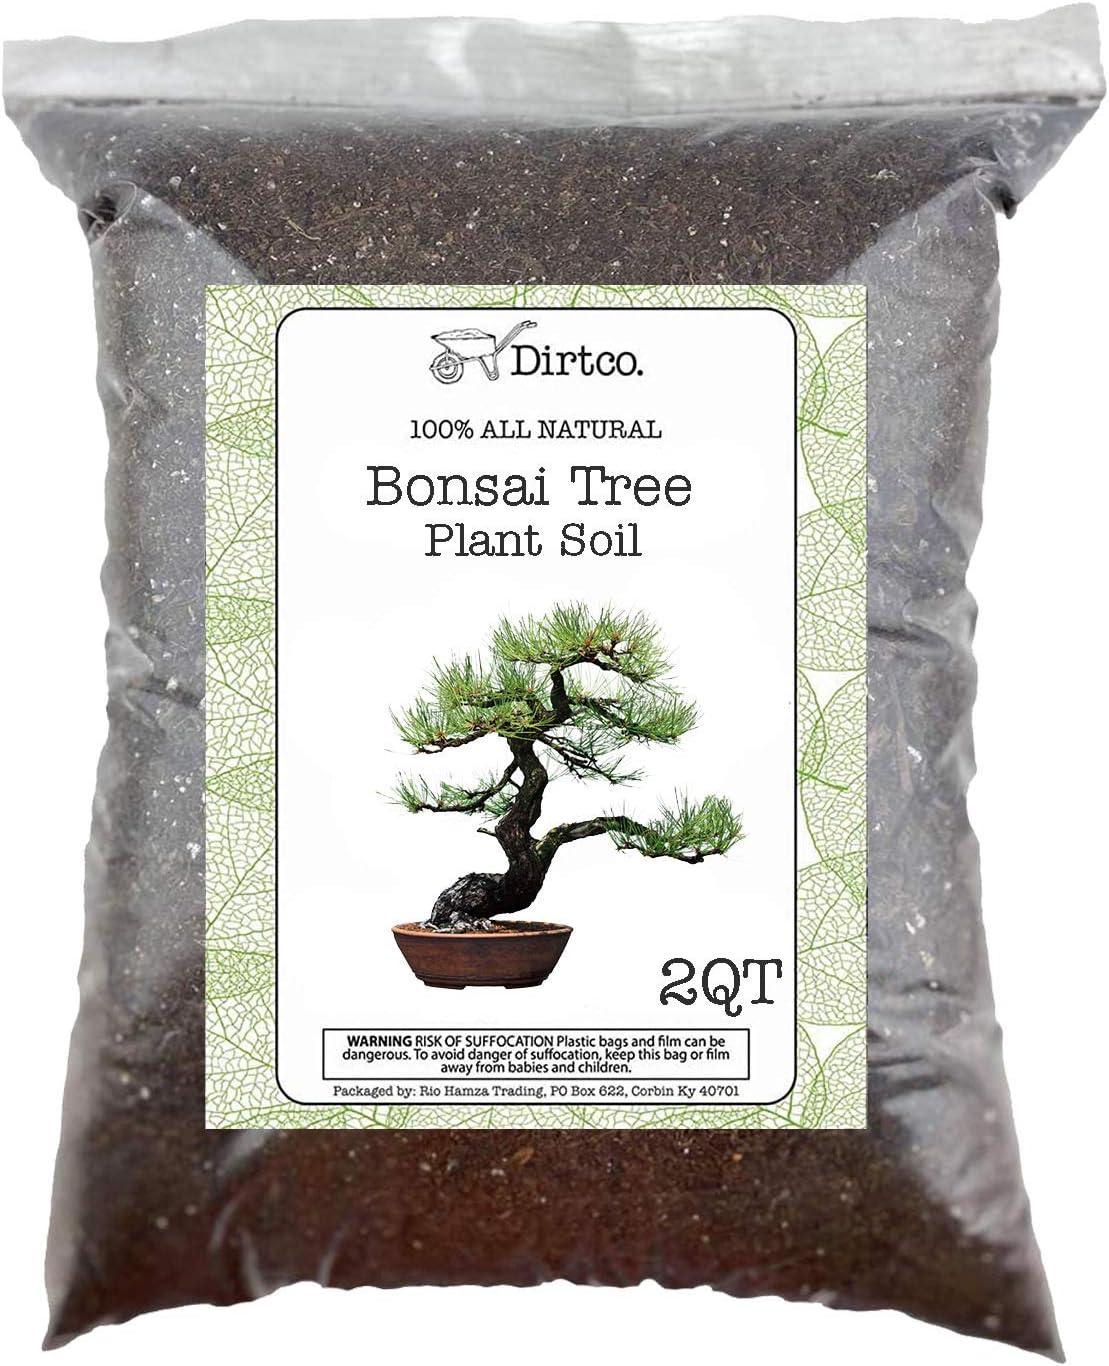 Bonsai Soil - All-Purpose Bonsai Tree Soil Mix, All-Natural Organic Material Great for All Bonsai Trees Nutrient-Rich Bonsai Soil Mixture (2qts)